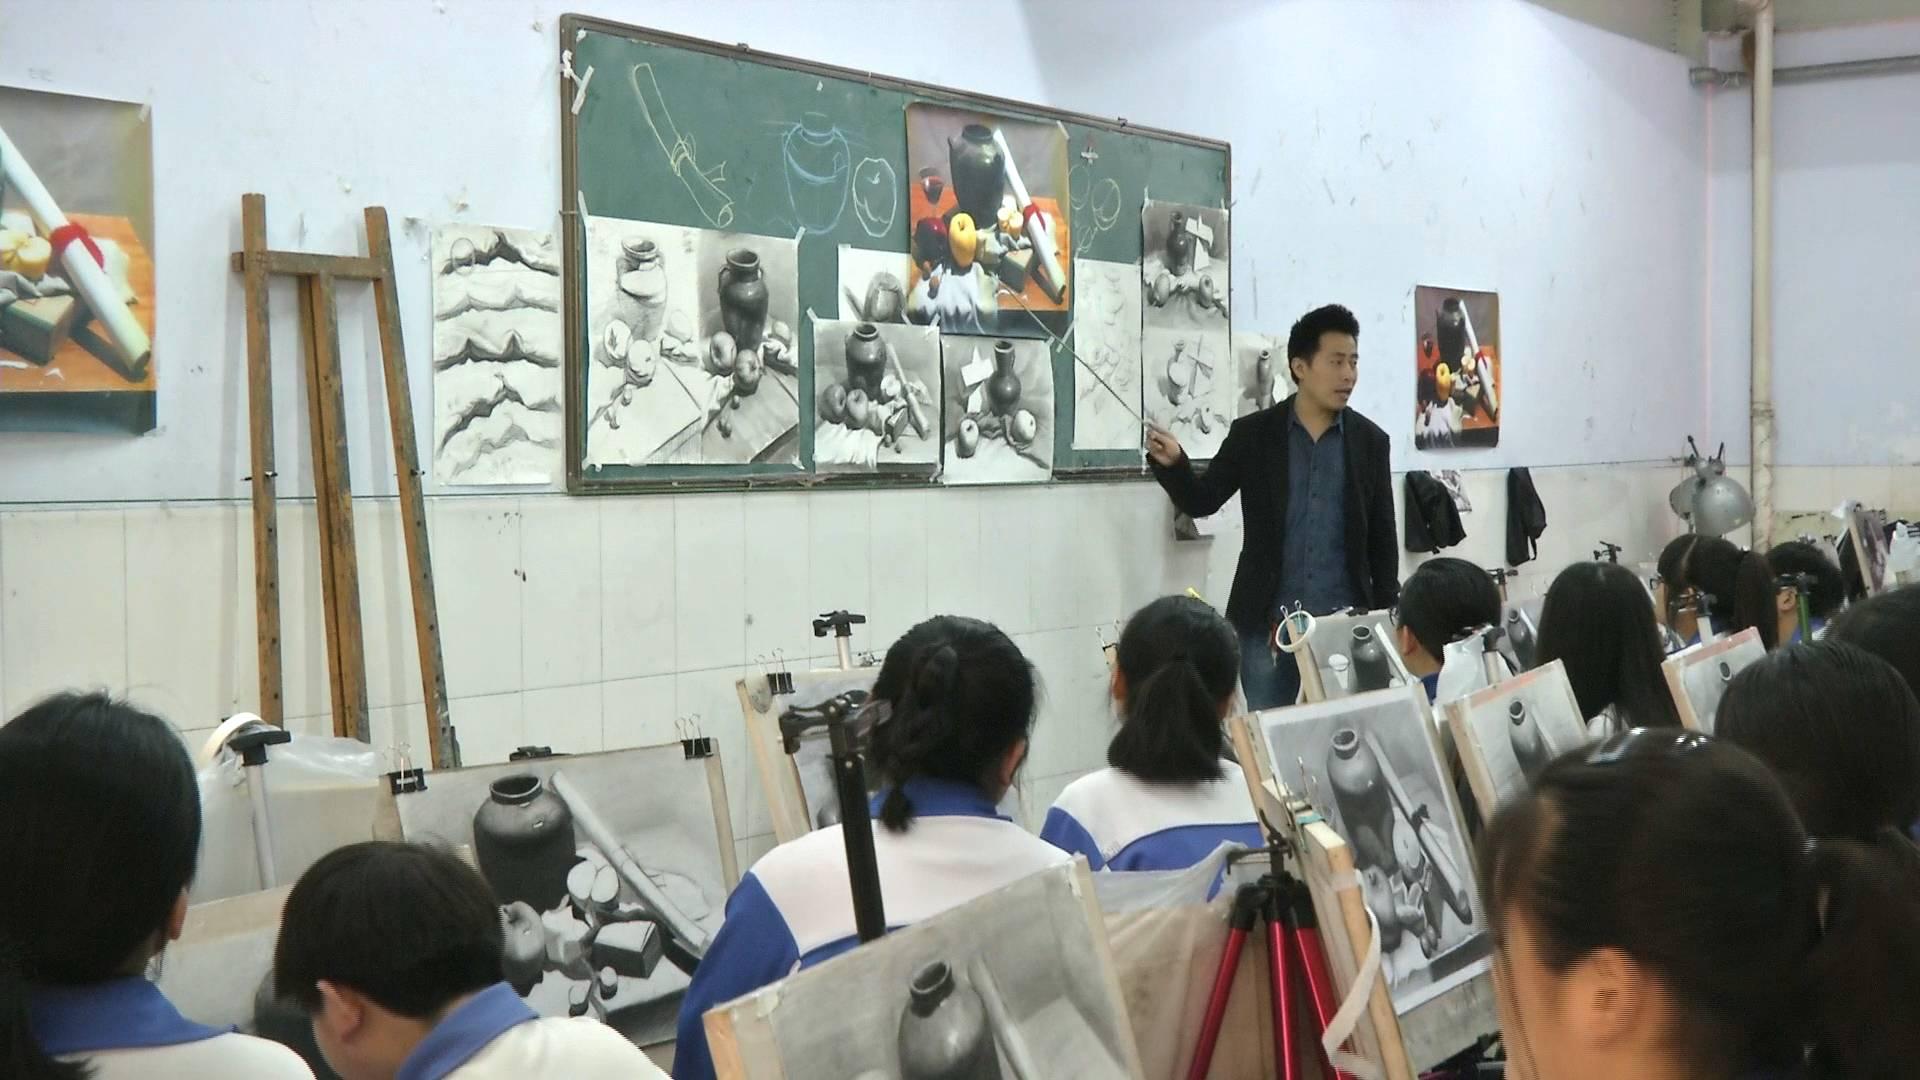 山东教育大数据:适当参加艺体活动 学生成绩会更好